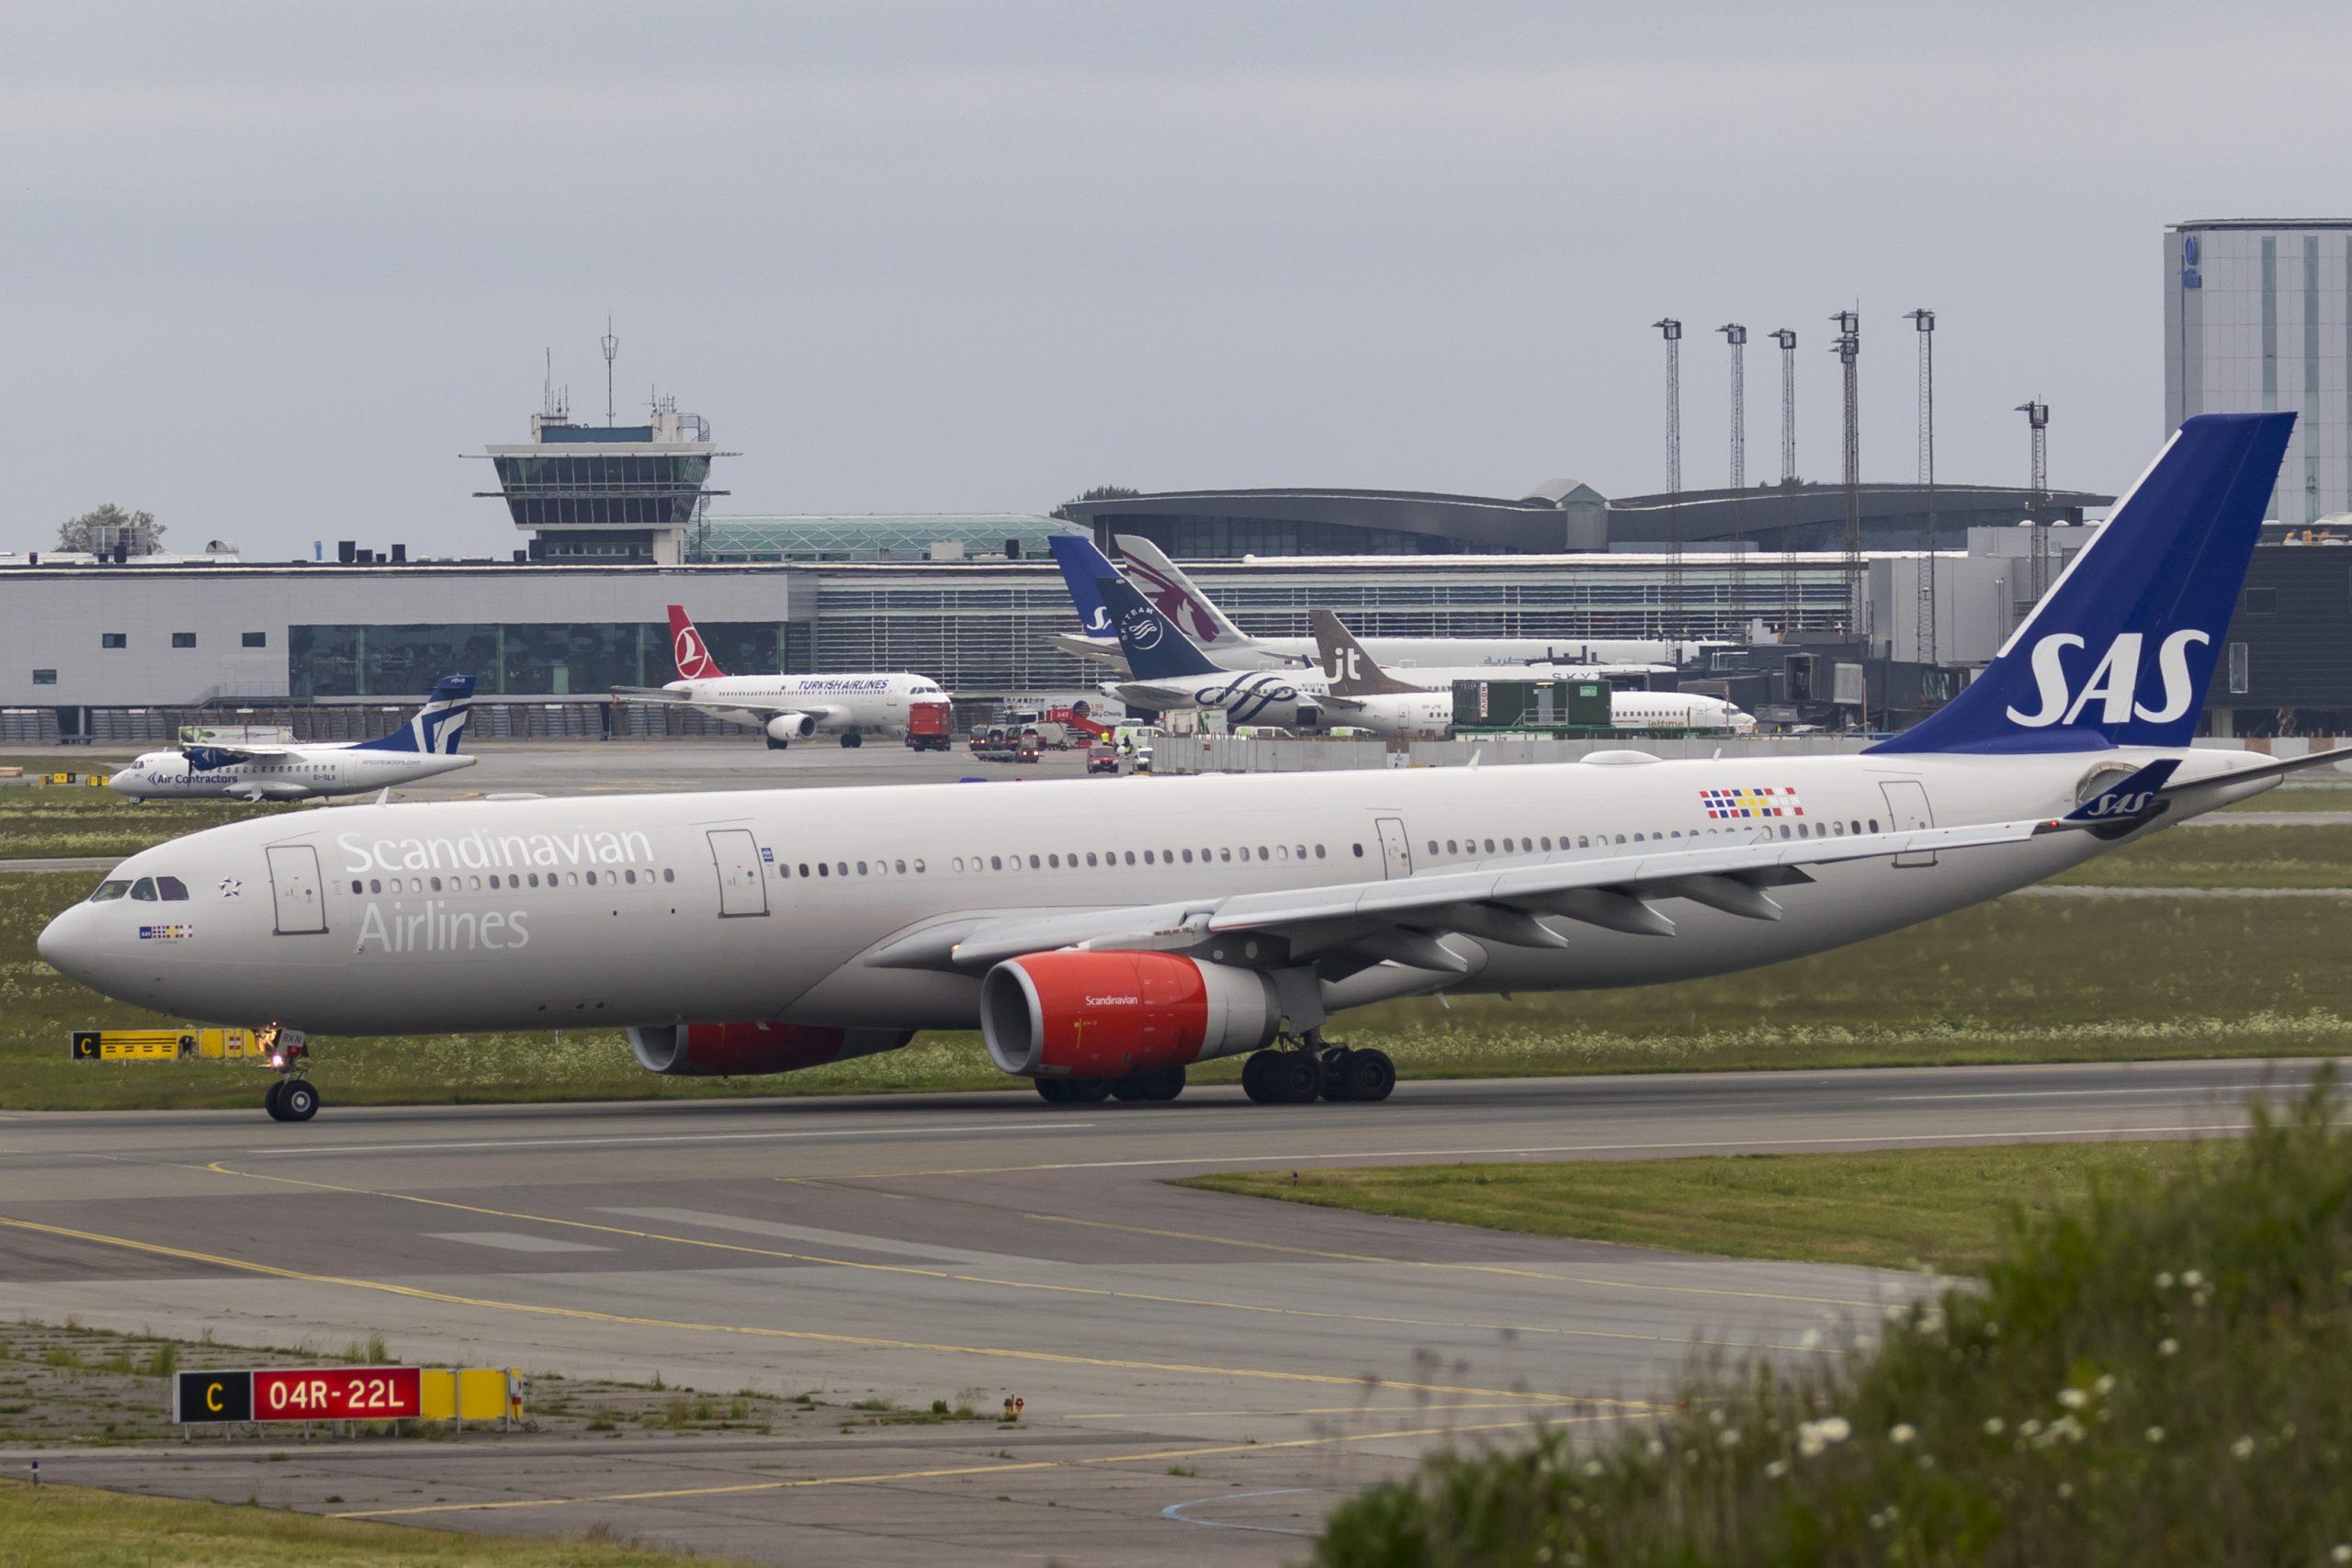 SAS skulle onsdag have sendt en mere eller mindre fyldt Airbus A330 fra Københavns Lufthavn til Austin i Texas. Passagerer skulle have deltaget i nu aflyst kæmpemesse, men nu er flyvningen netop blevet aflyst. (arkivfoto: © Thorbjørn Brunander Sund, Danish Aviation Photo)